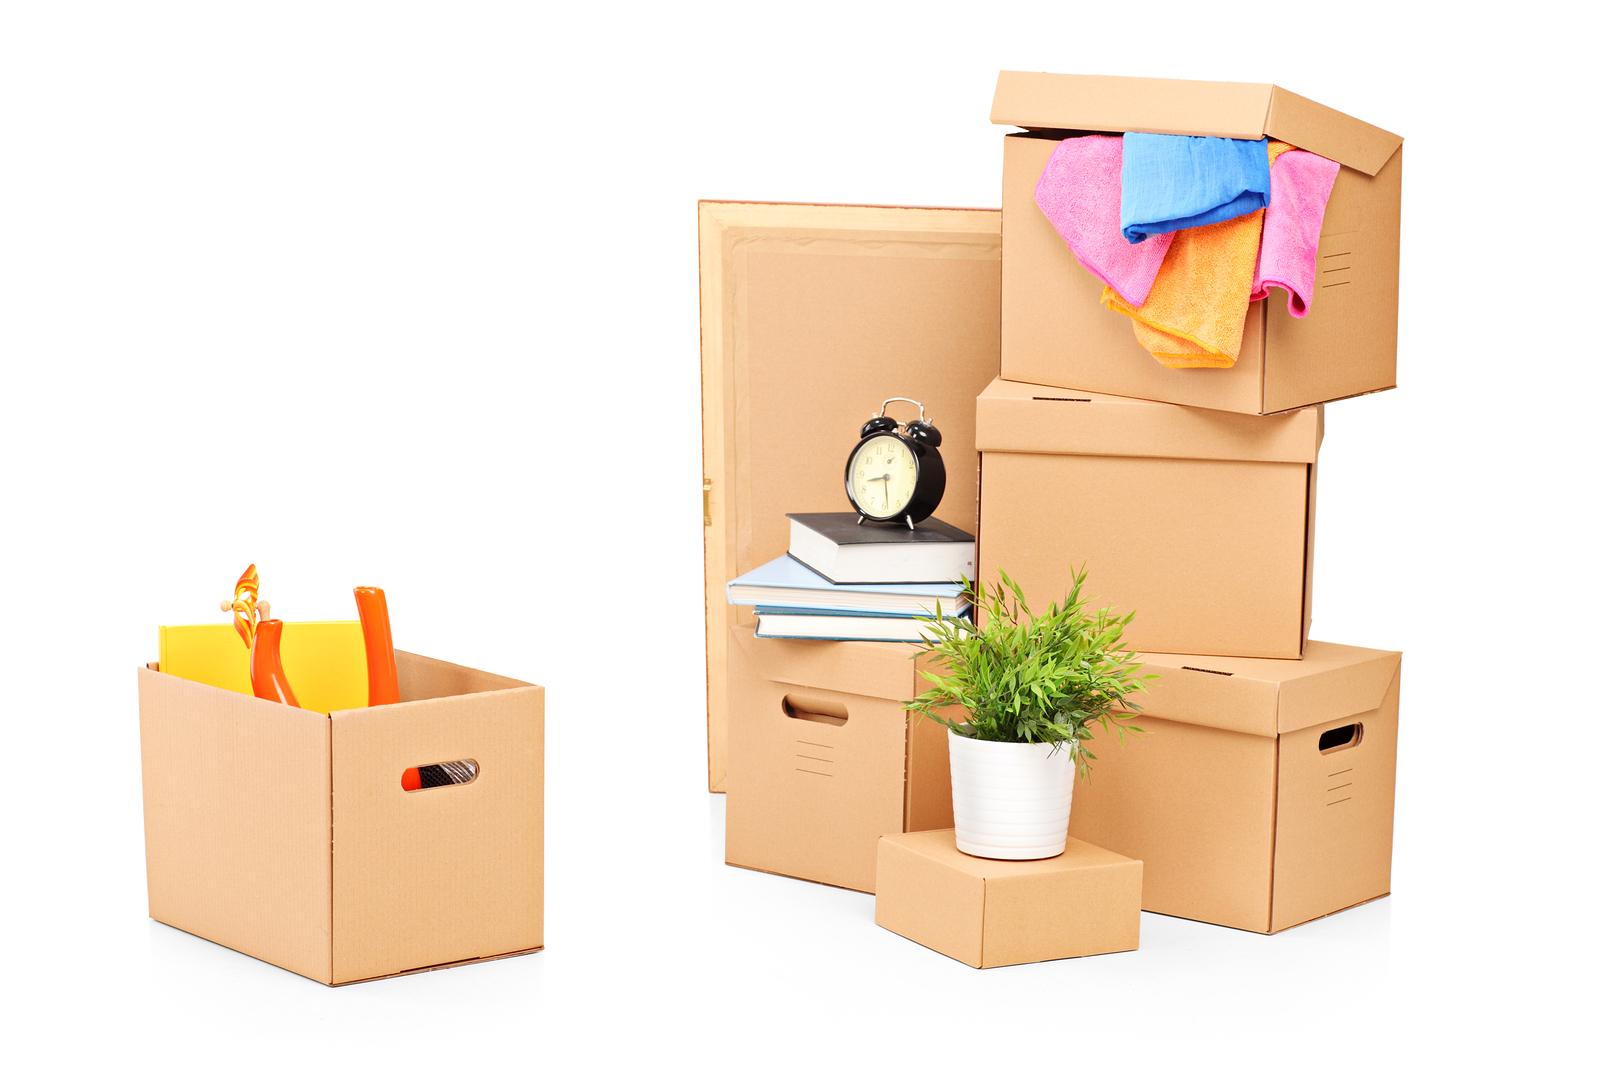 Van mikor az ember irodáját át kell költöztetni másik városrészbe. Ilyenkor nagyon fontos, hogy minden simán menjen és ne legyen probléma a költözködés. Megoldhatjuk saját magunk is, de a költöztetést jobb szakemberre bízni.